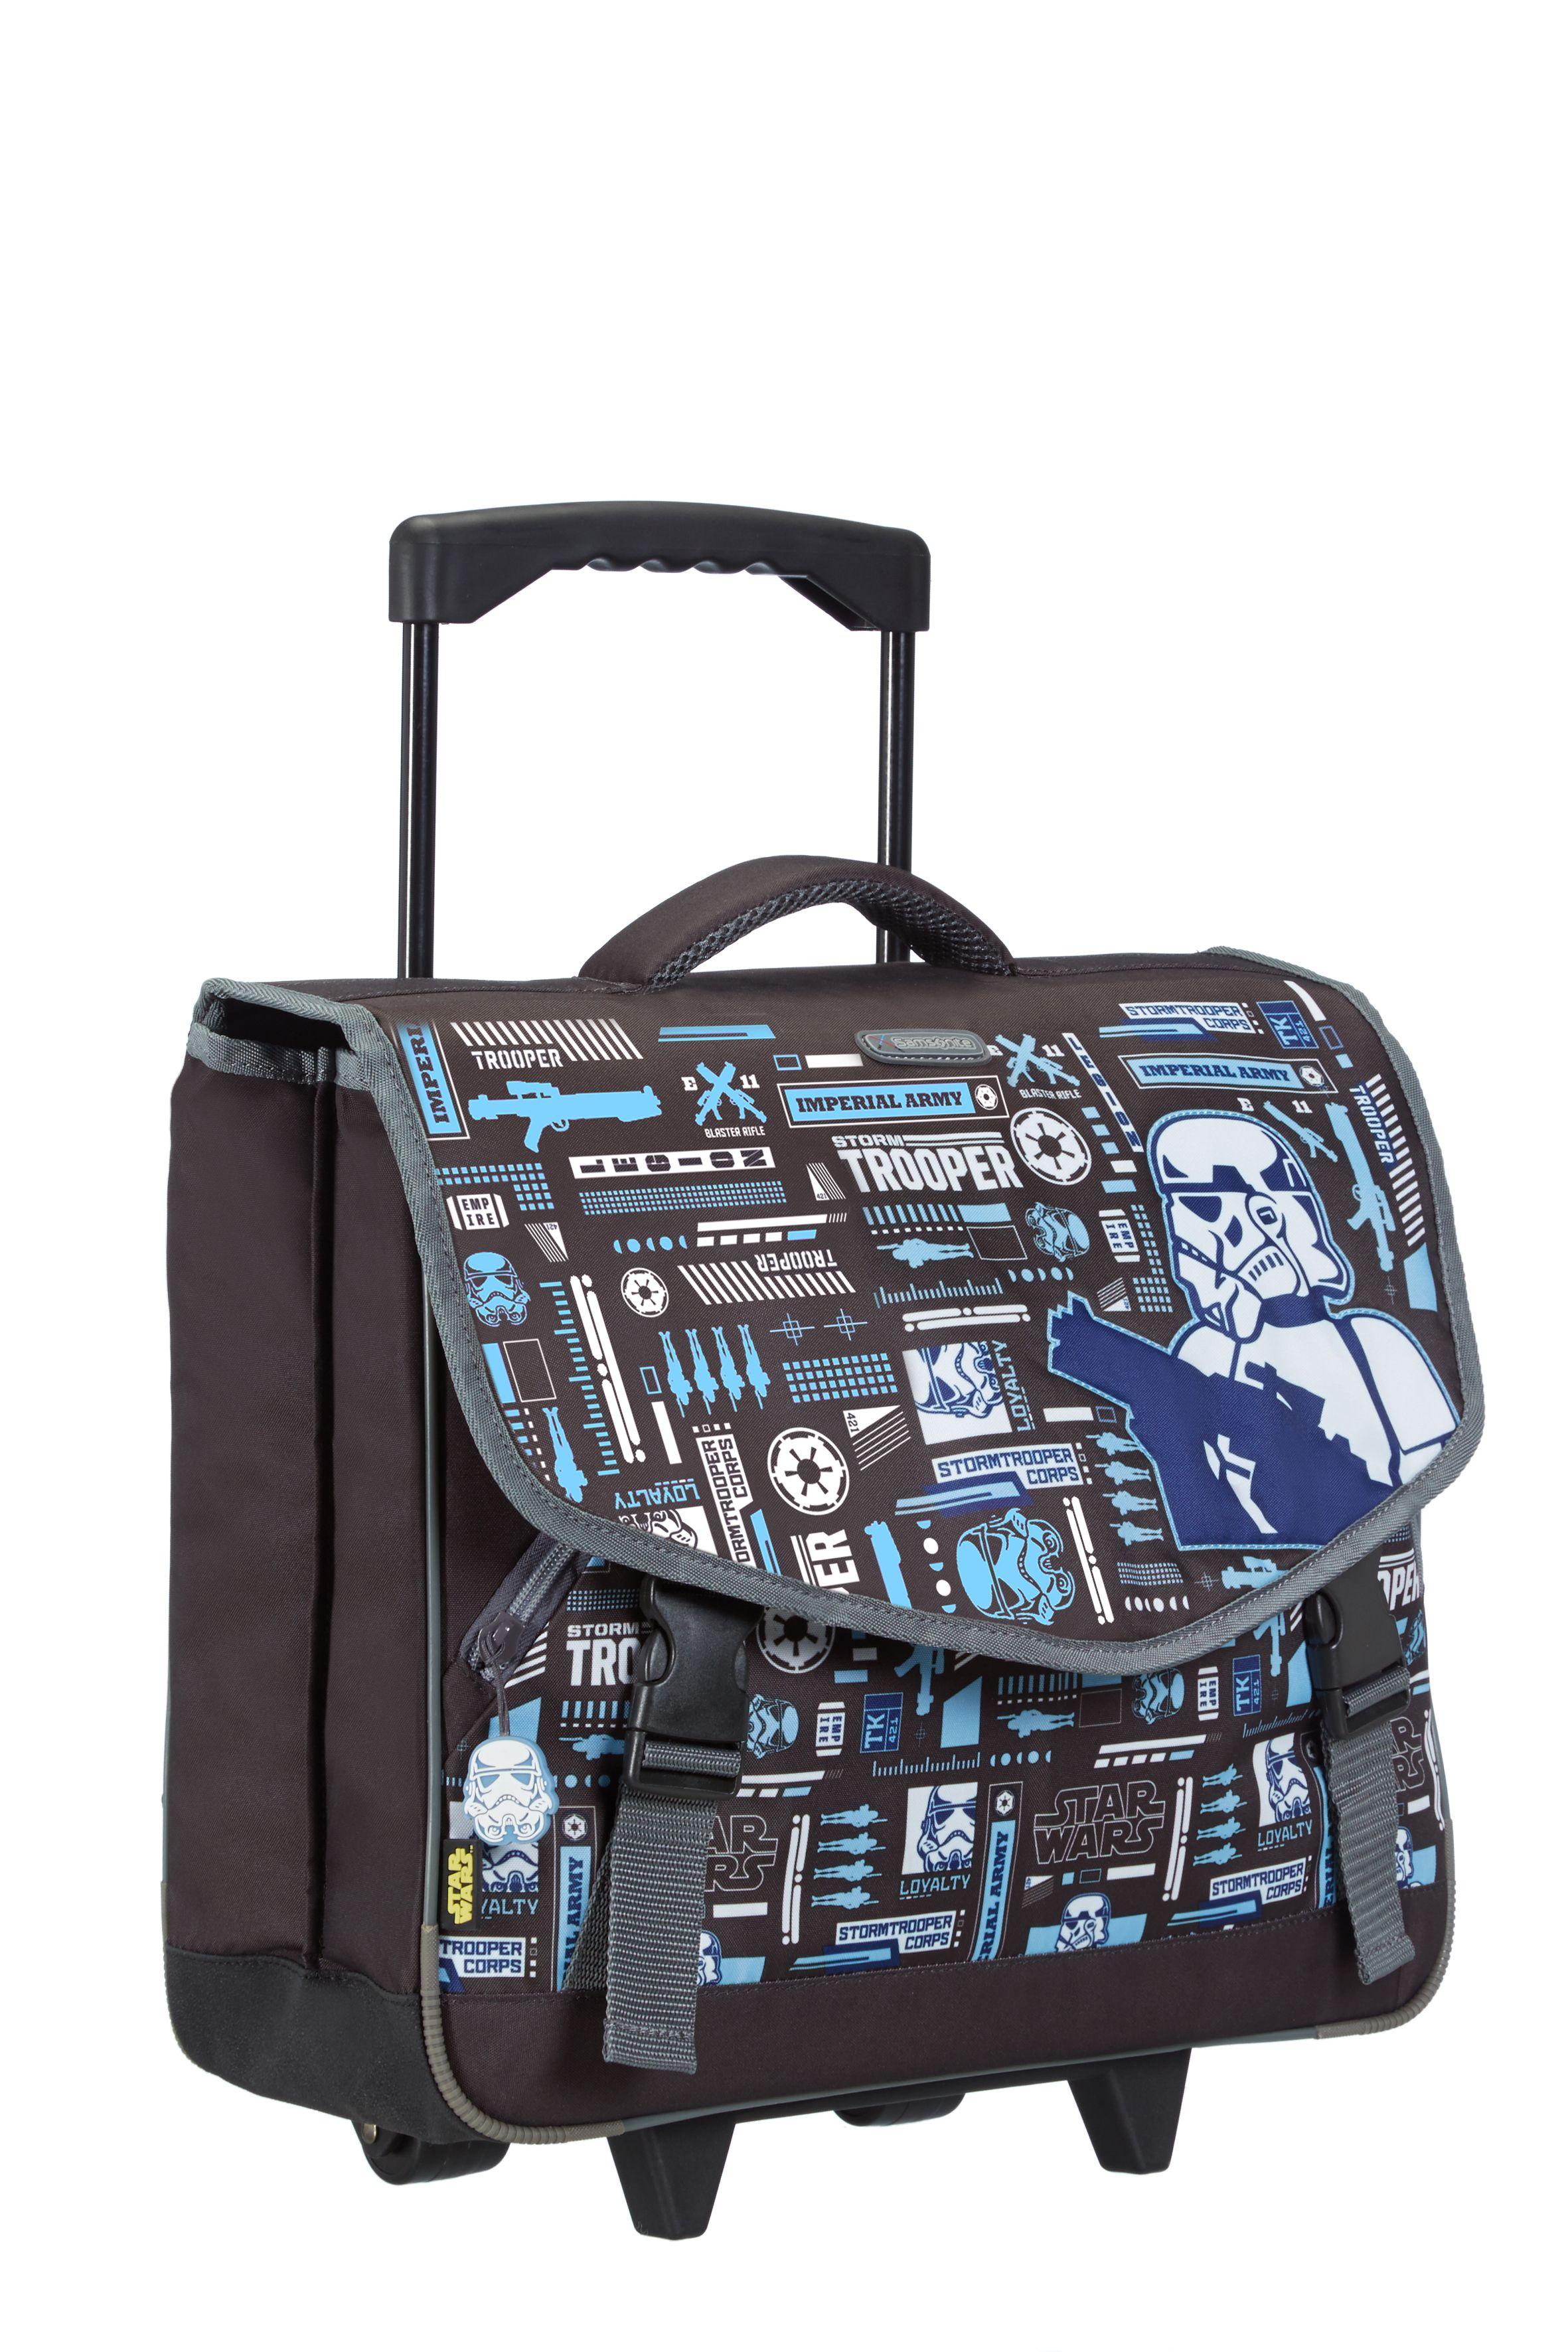 bae1bd4aaa3d08 Star Wars Wonder - Star Wars Roll Schoolbag #Disney #Samsonite #StarWars  #Travel #Kids #School #Schoolbag #MySamsonite #ByYourSide